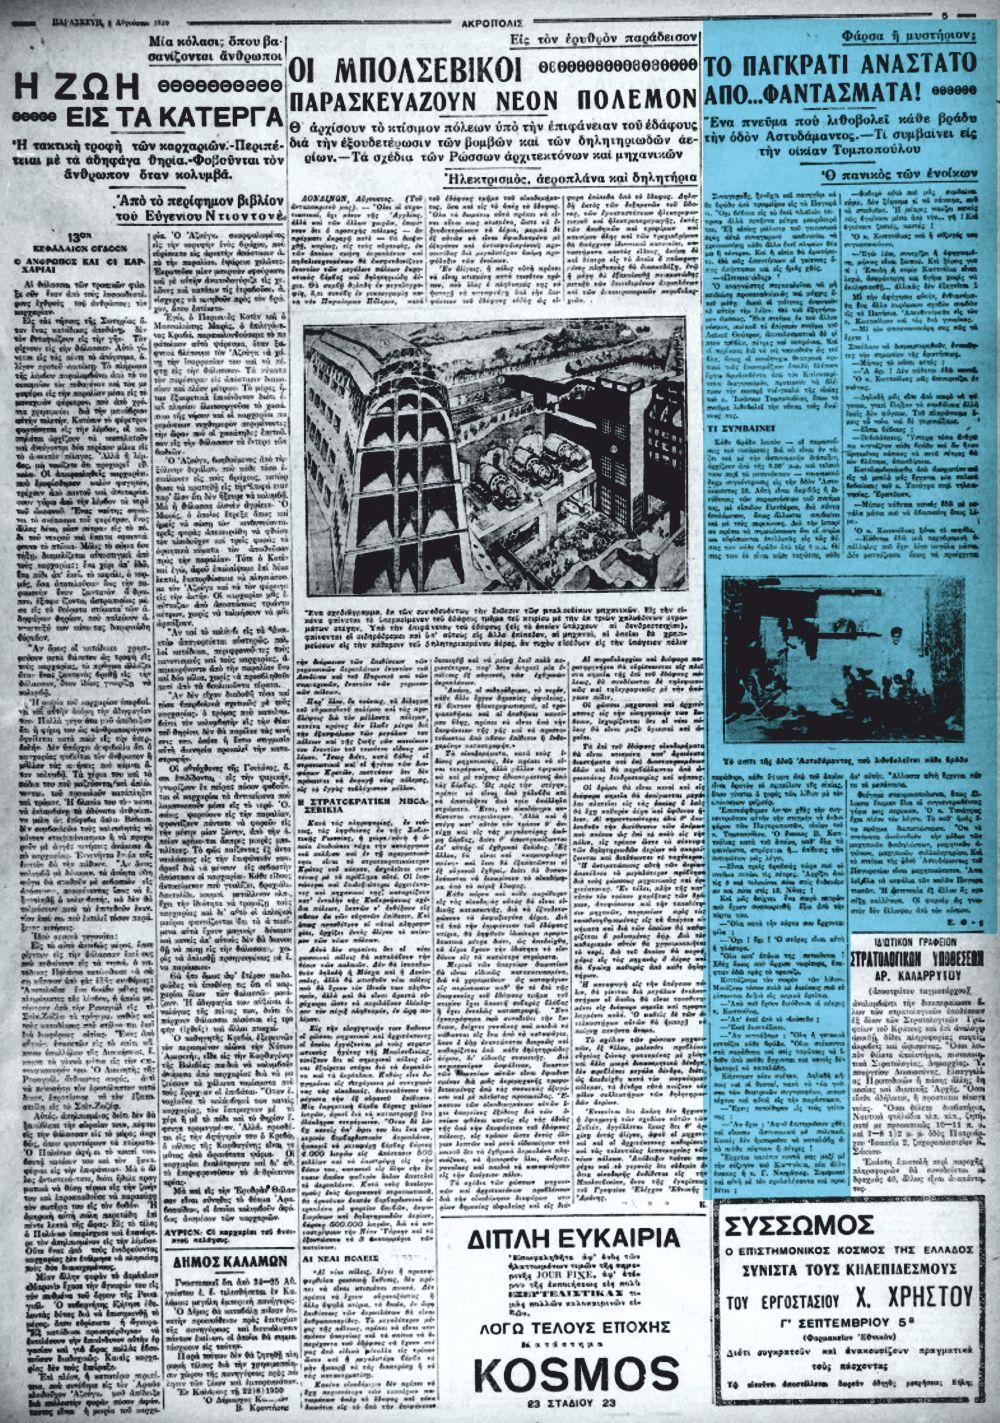 """Το άρθρο, όπως δημοσιεύθηκε στην εφημερίδα """"ΑΚΡΟΠΟΛΙΣ"""", στις 08/08/1930"""